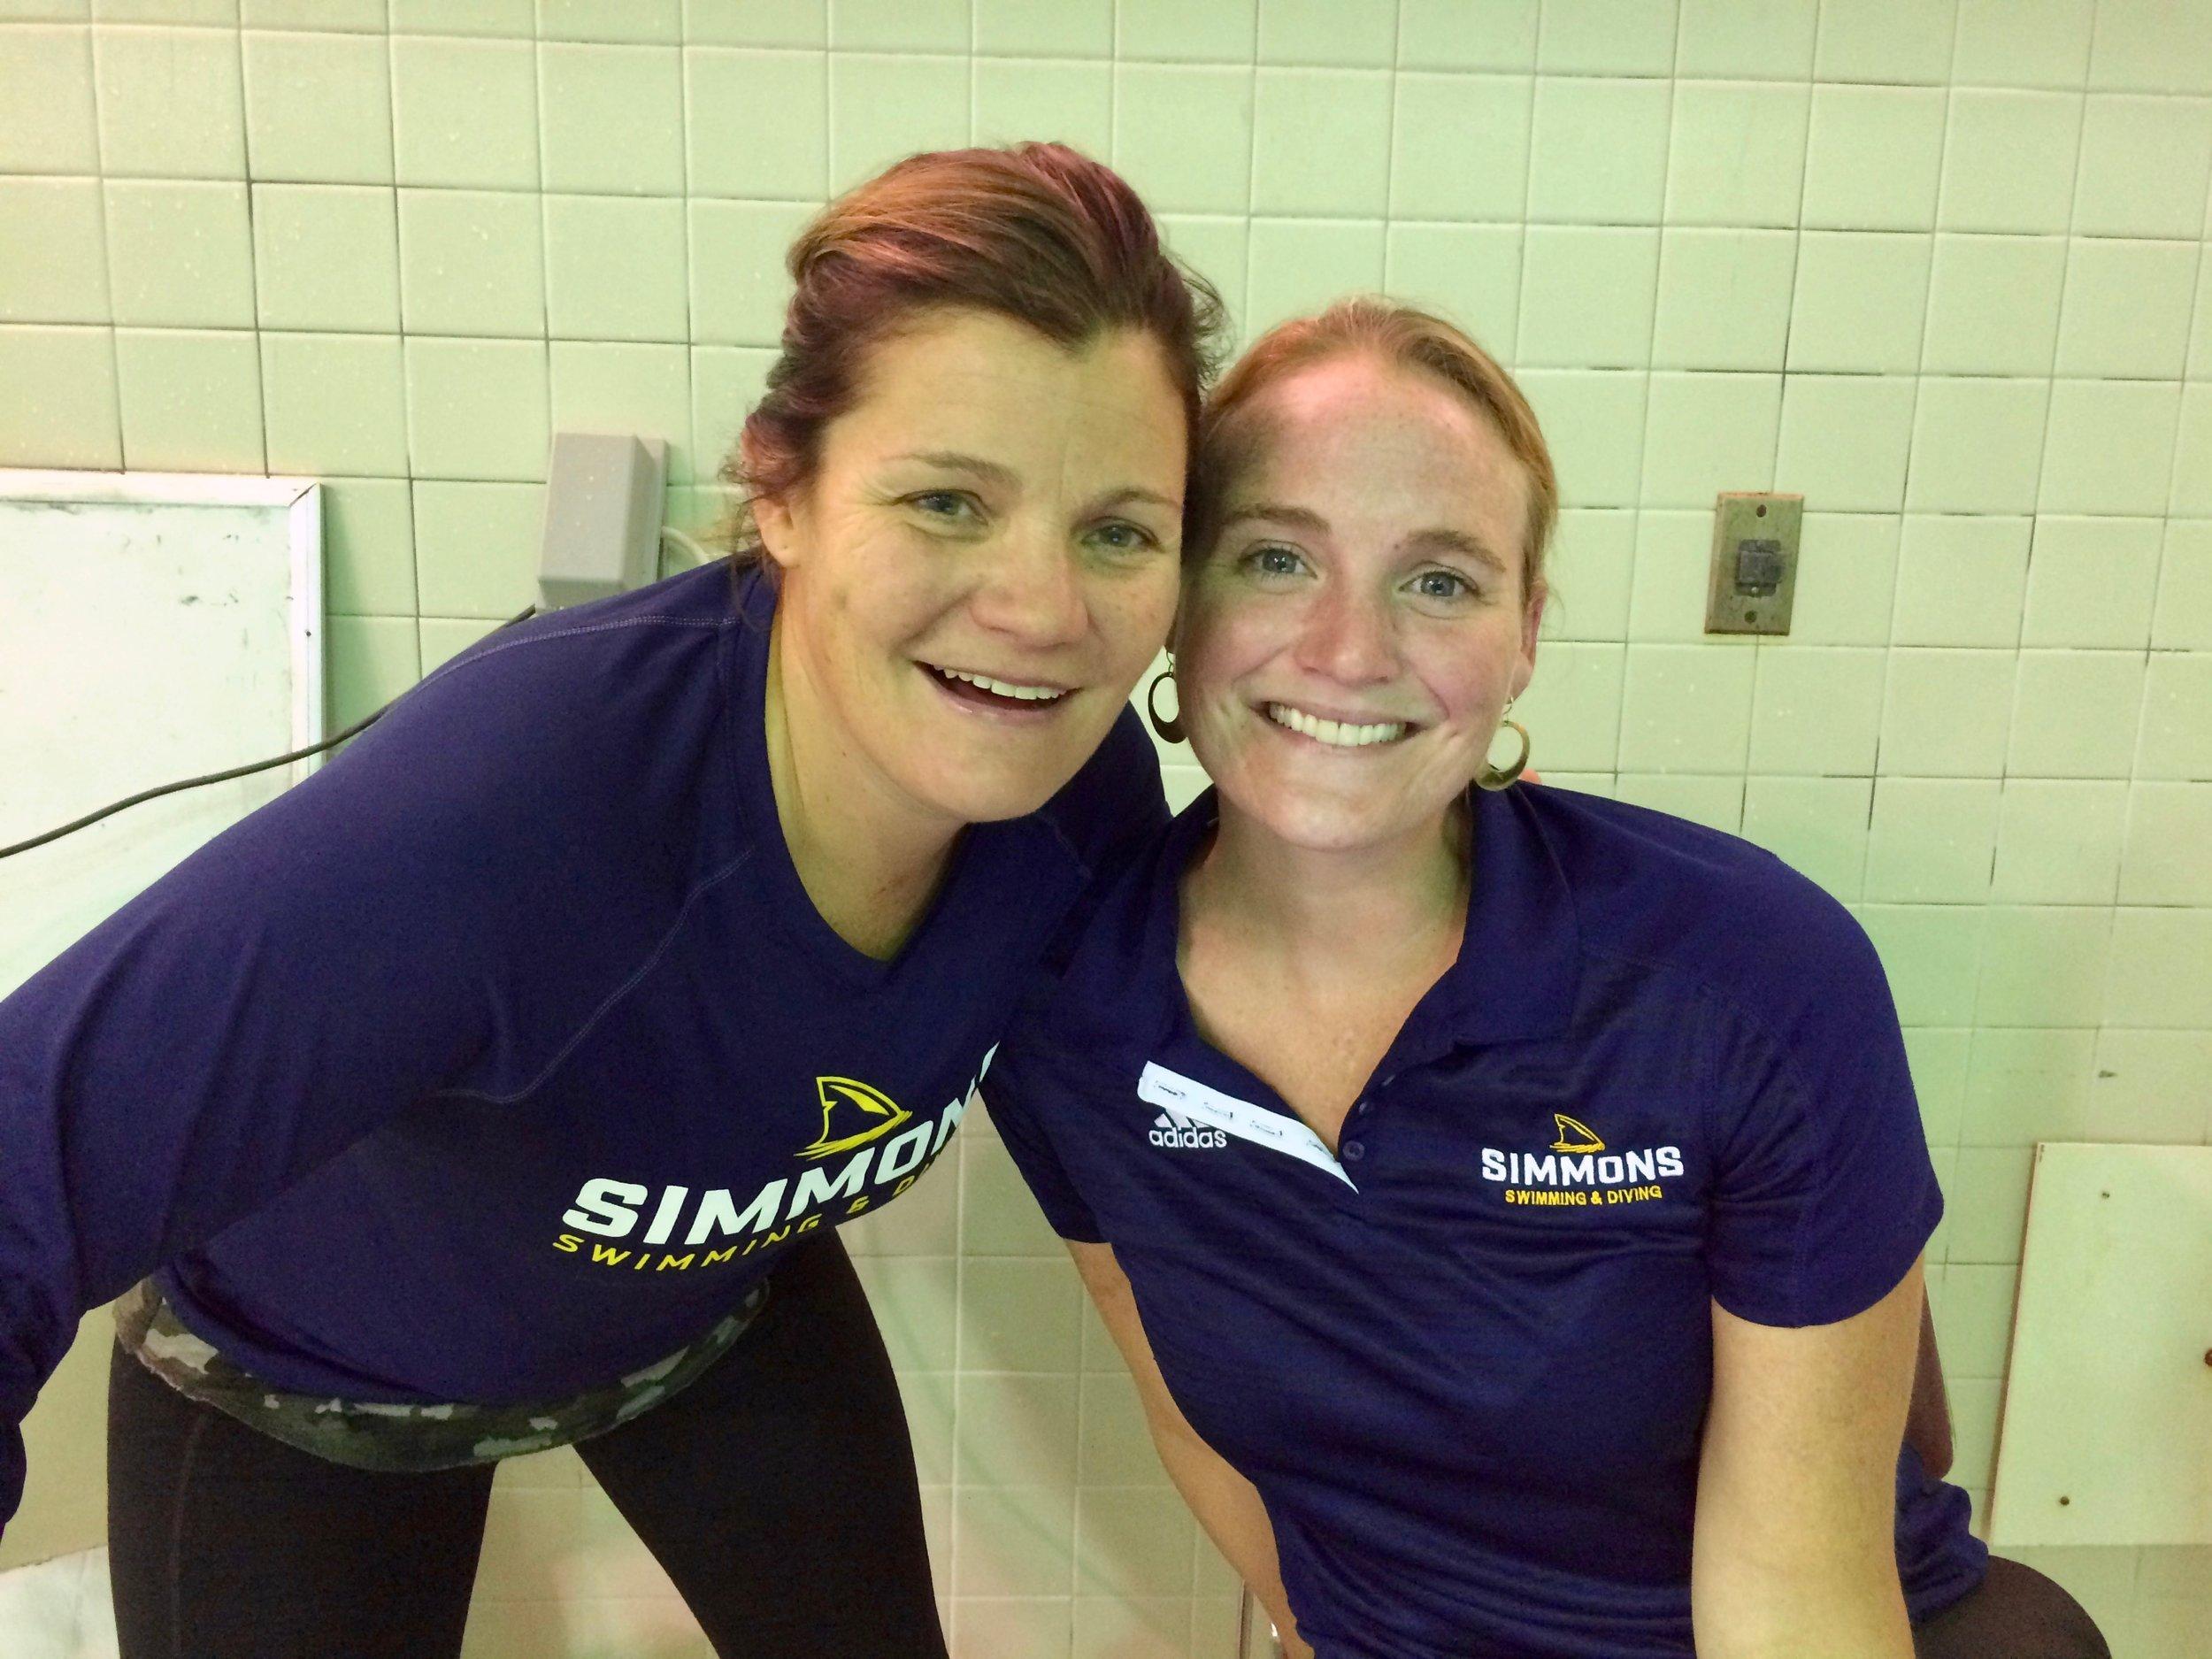 Christina Baudis and Mindy Williams ran a flawless meet